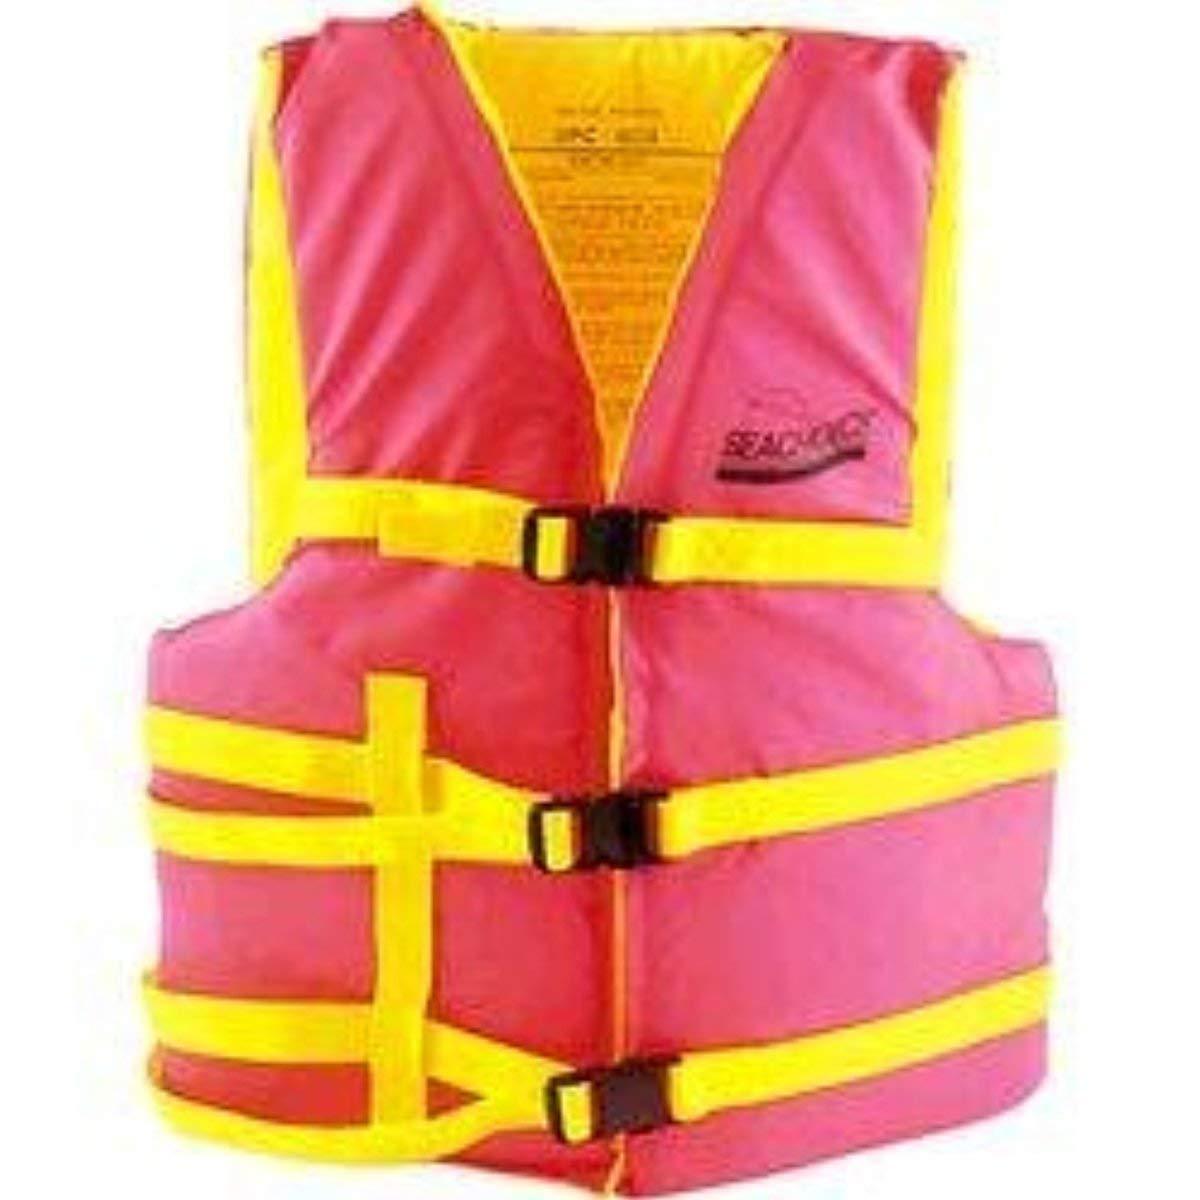 Sea Choice 86150 Youth Vest 20-25 by SEACHOICE